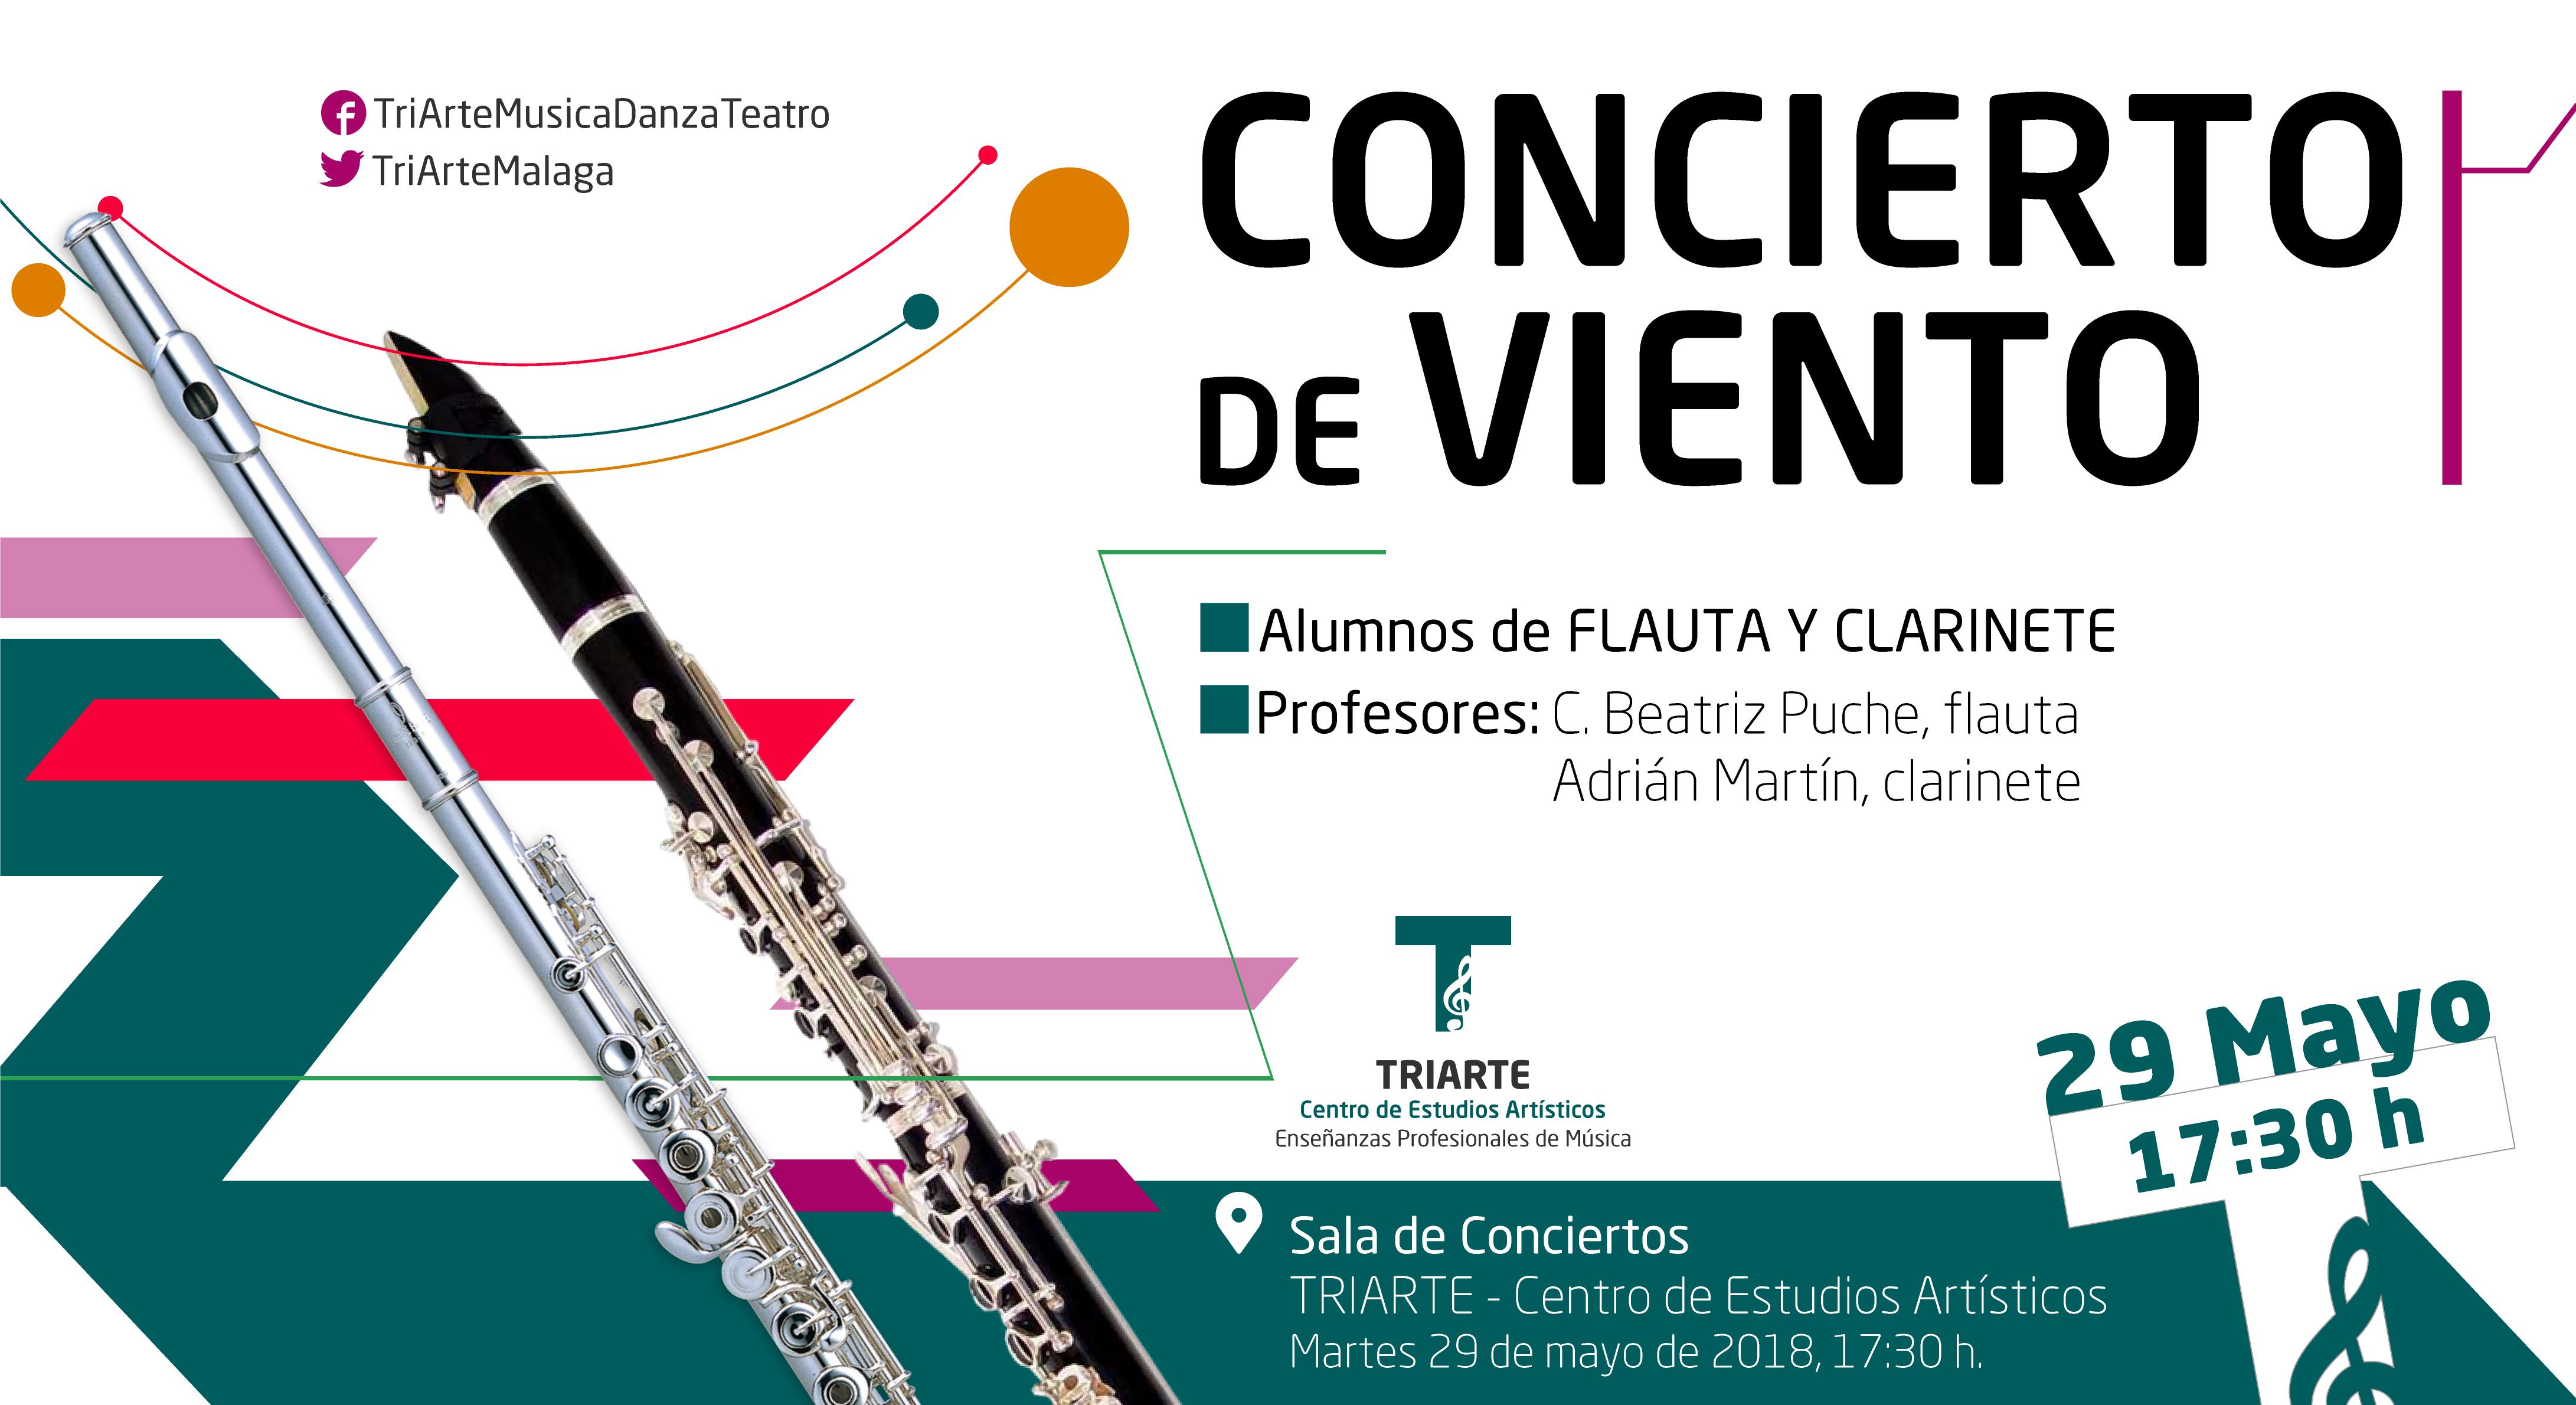 Concierto de Flauta, Clarinete y Saxofón. Triarte, Málaga